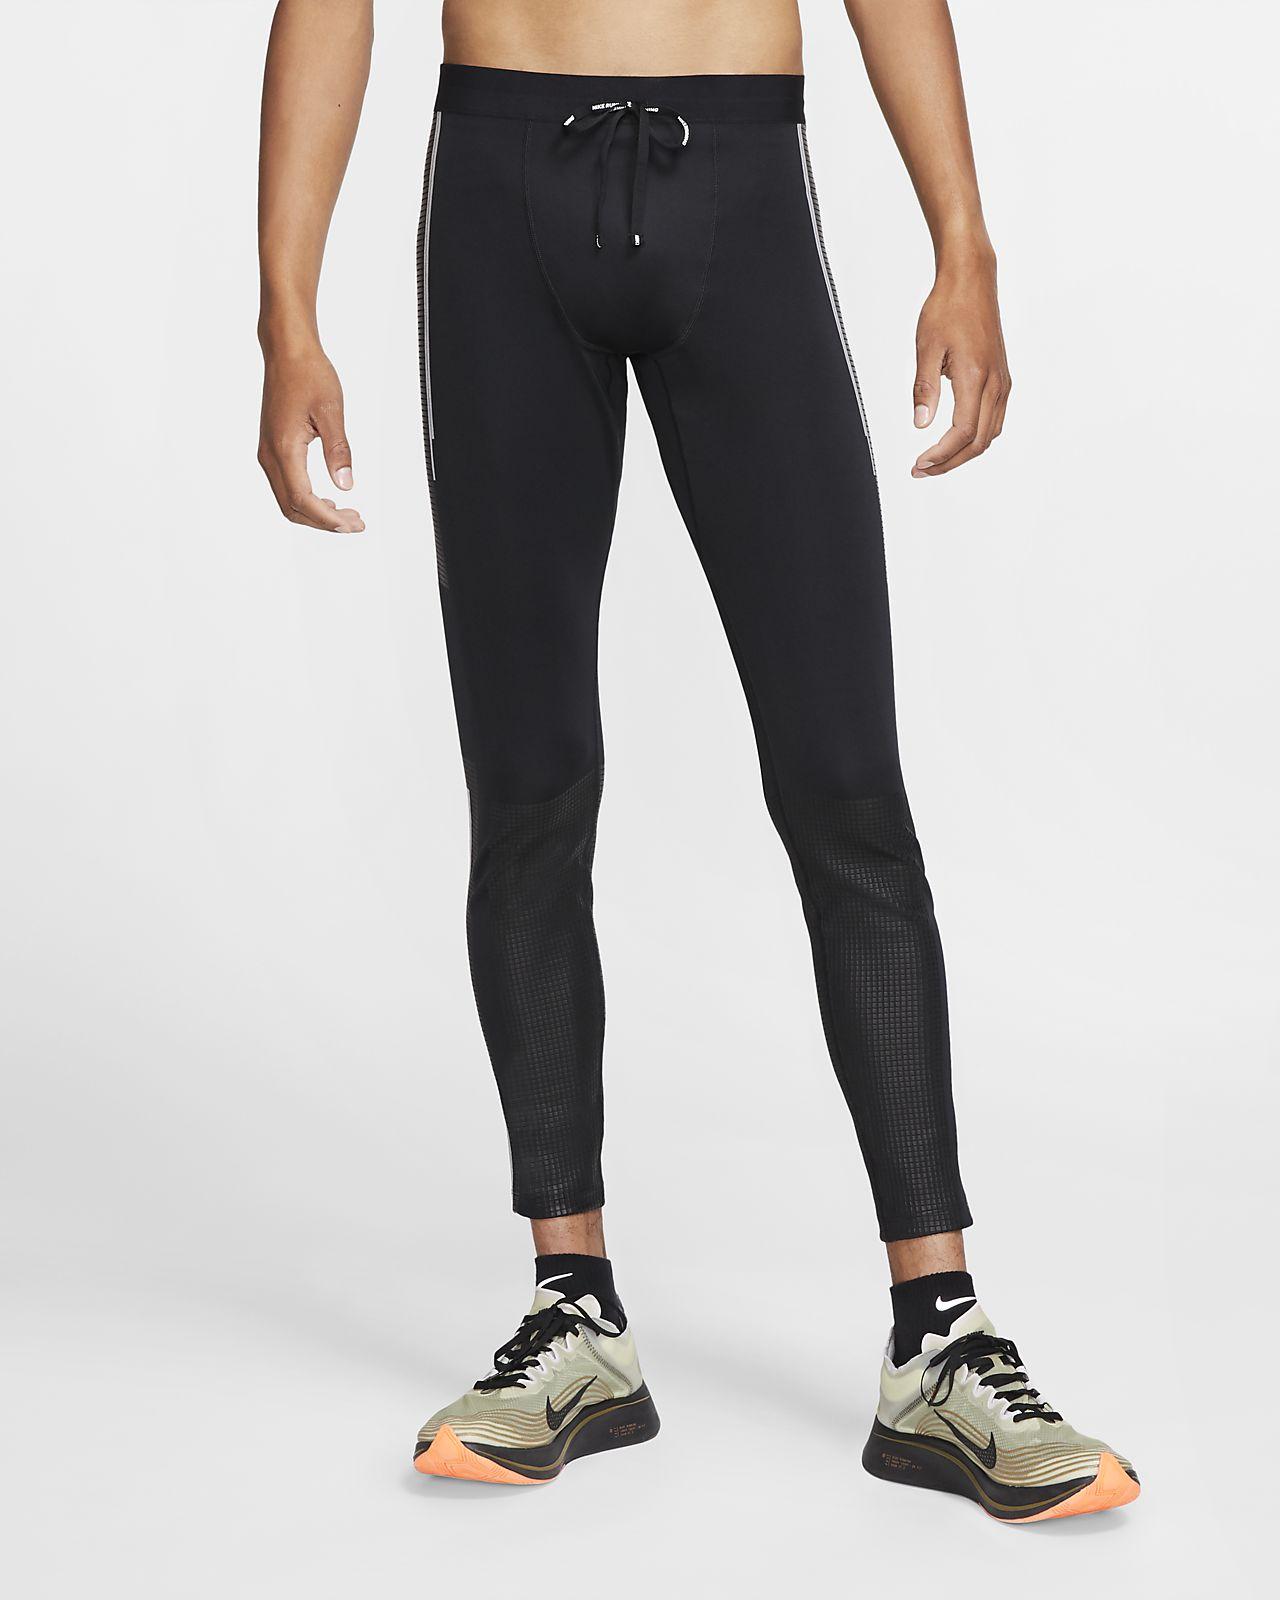 Nike Power-Flash-løbetights til mænd